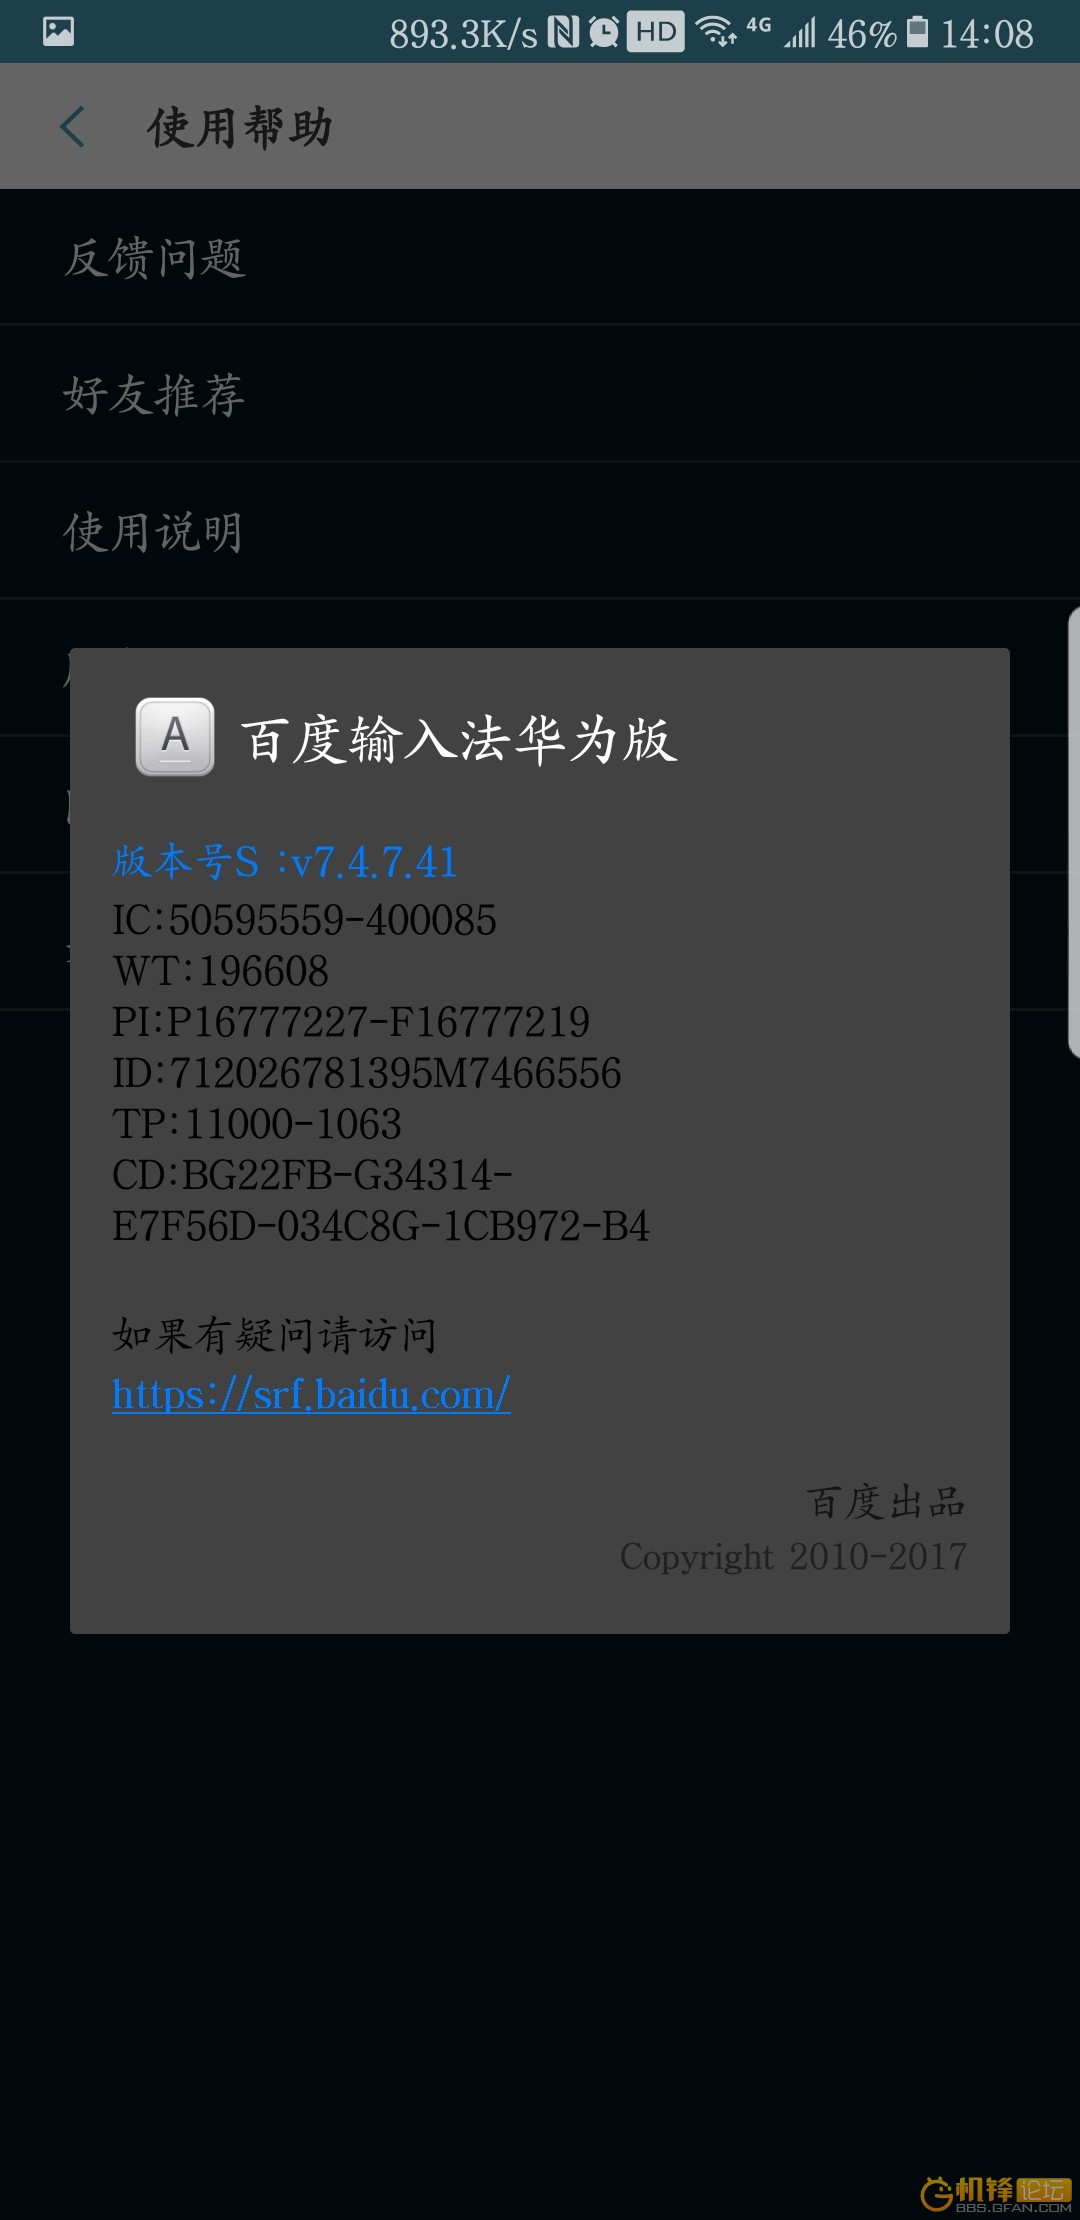 Screenshot_20180109-140801.jpg